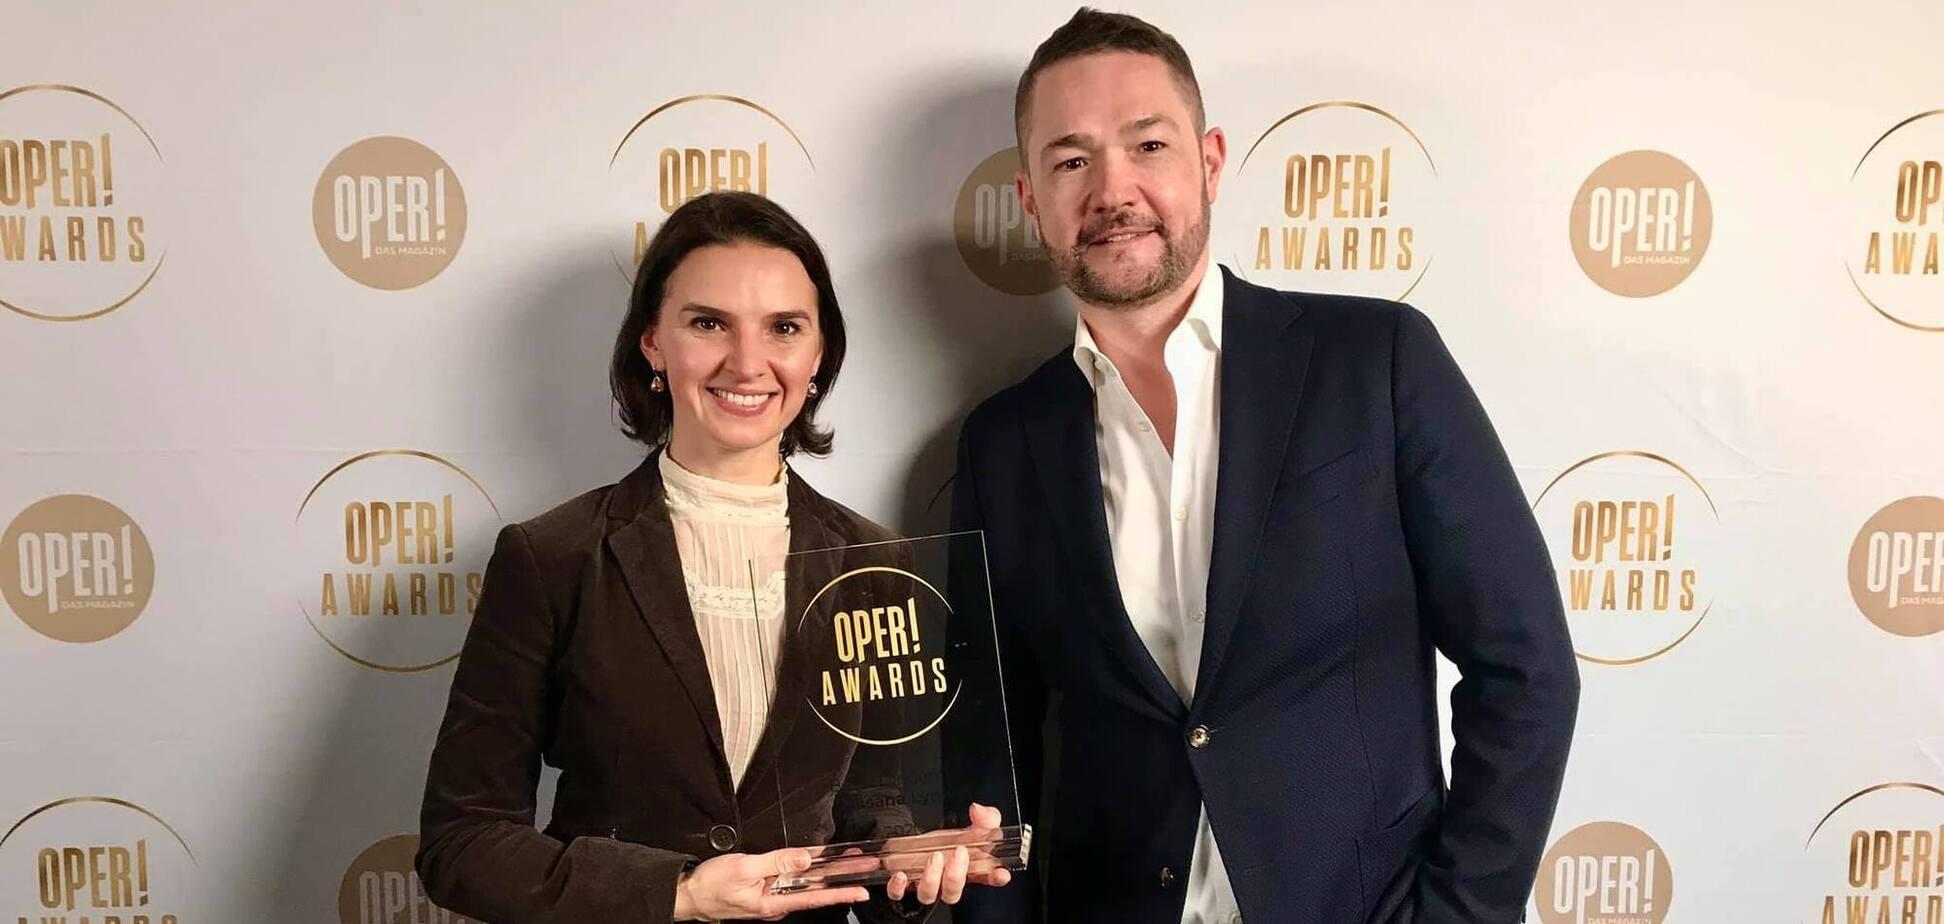 Українка стала переможницею премії Oper! Awards у Німеччині